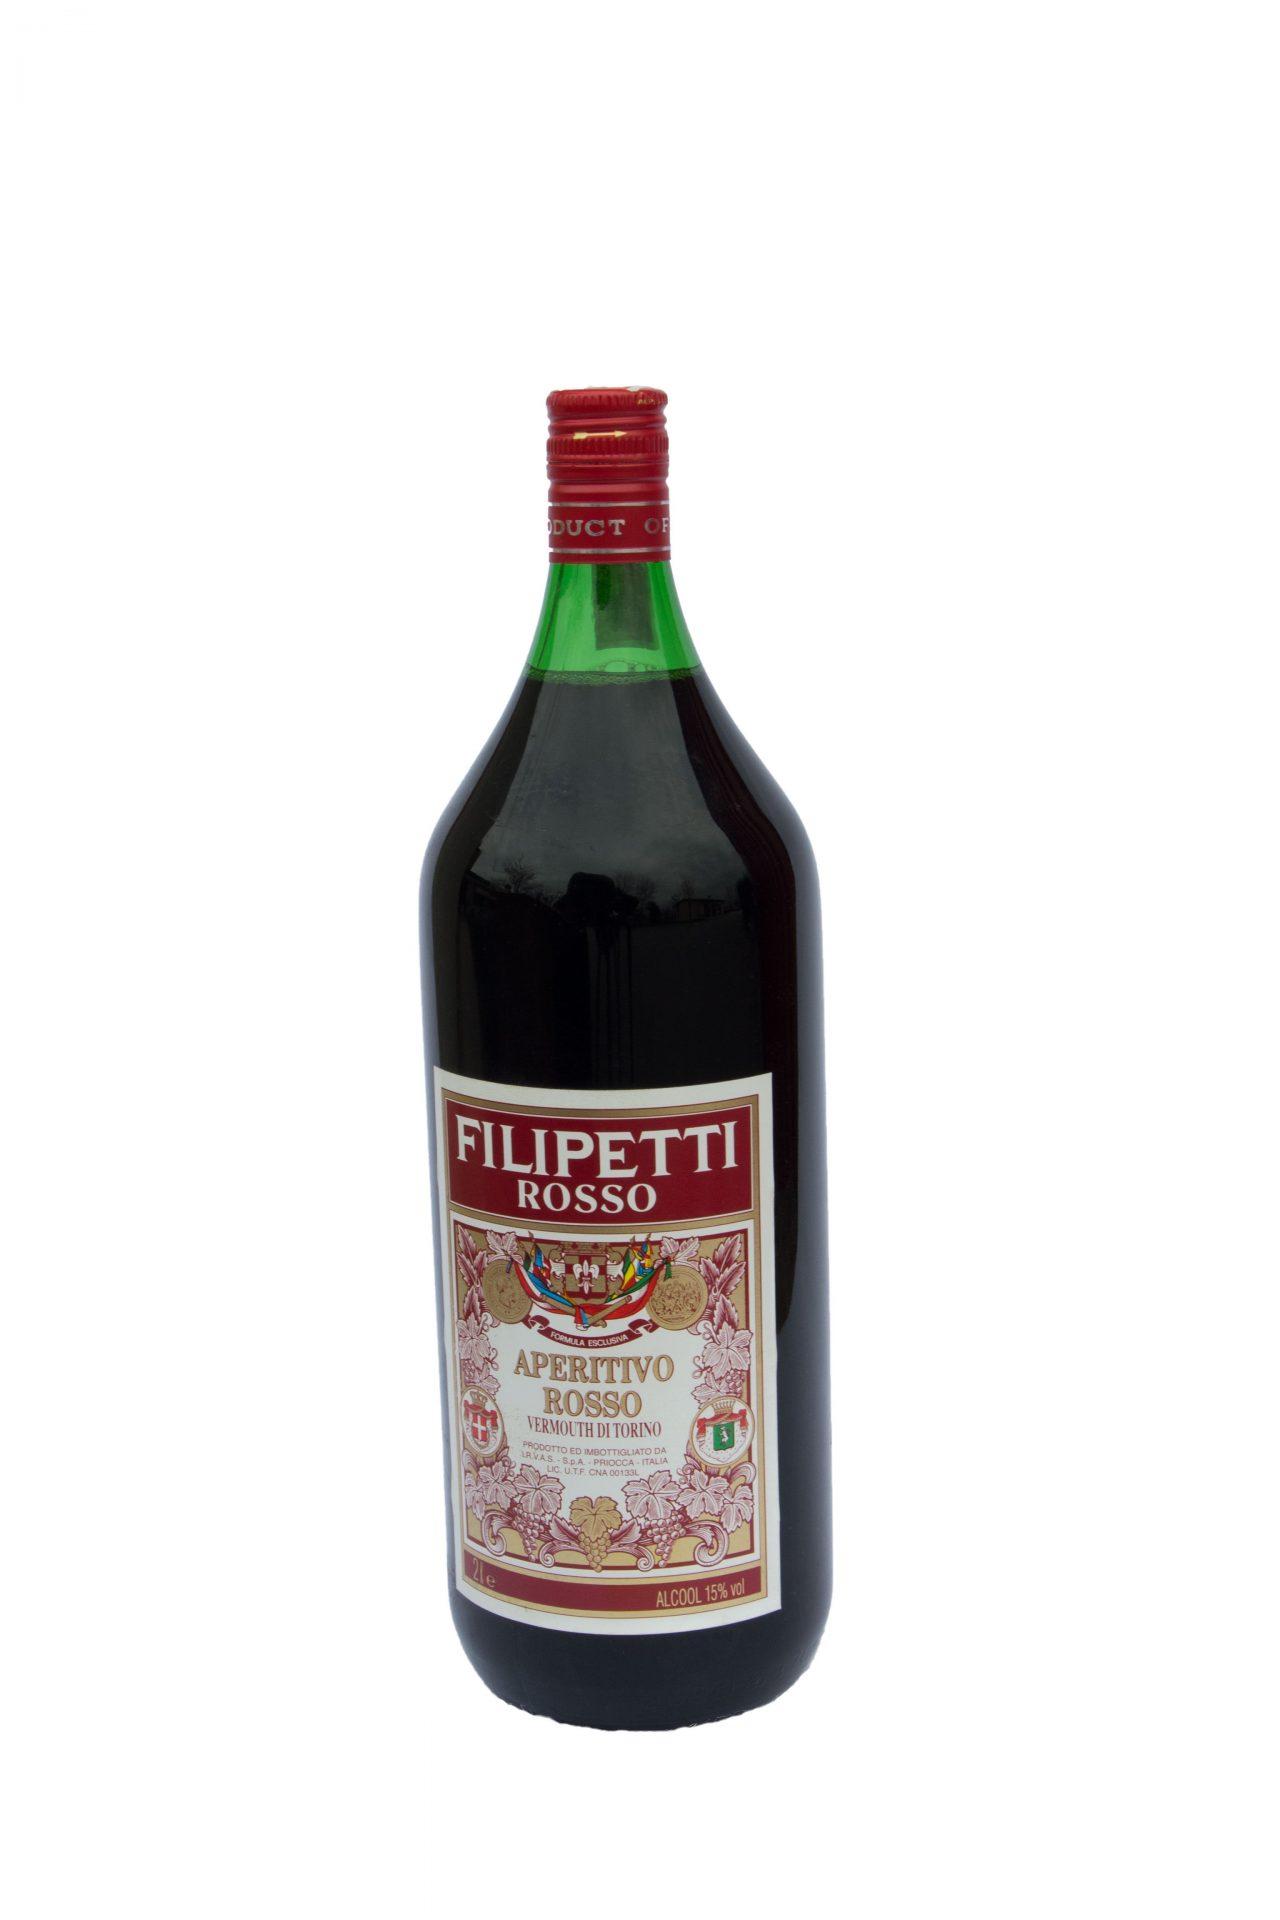 Filipetti Rosso